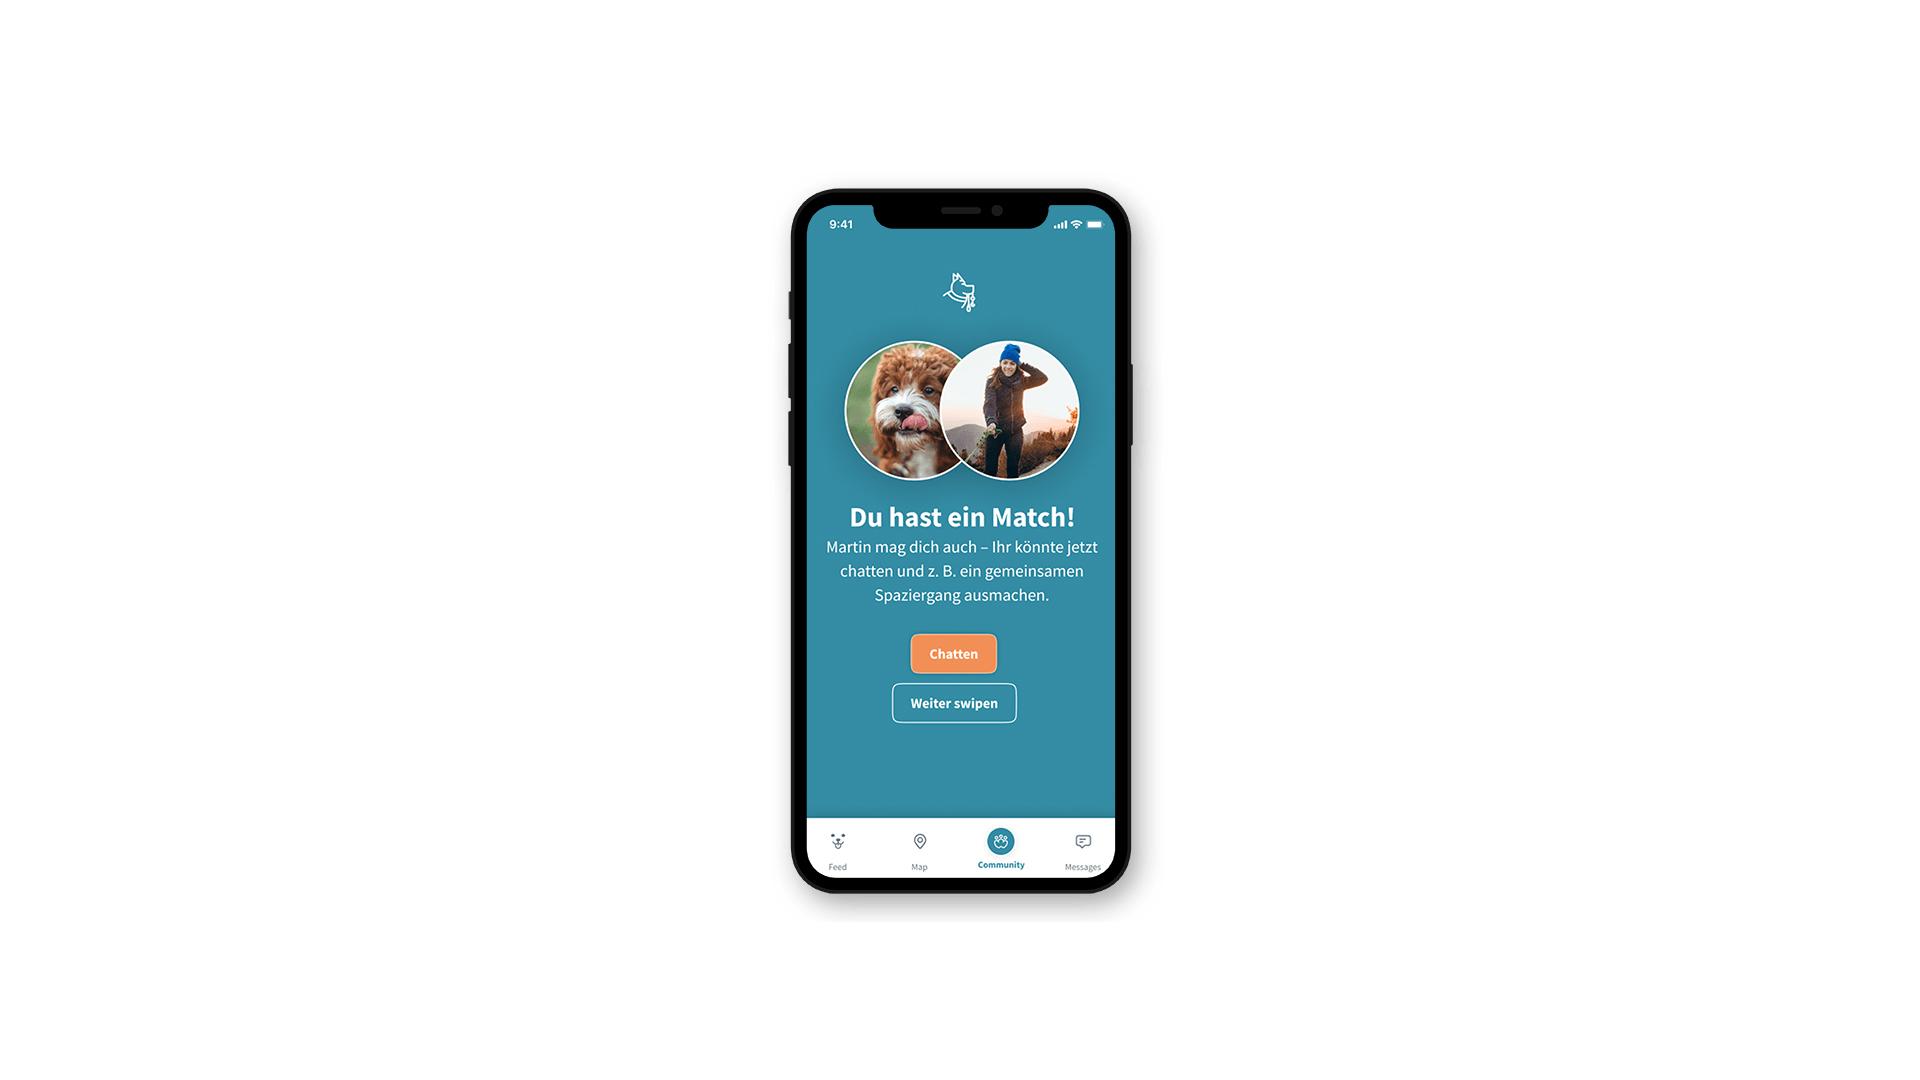 """Über die App """"Patzo"""" können Hundeliebhaber:innen mit Hunden matchen und zusammen Gassi gehen."""